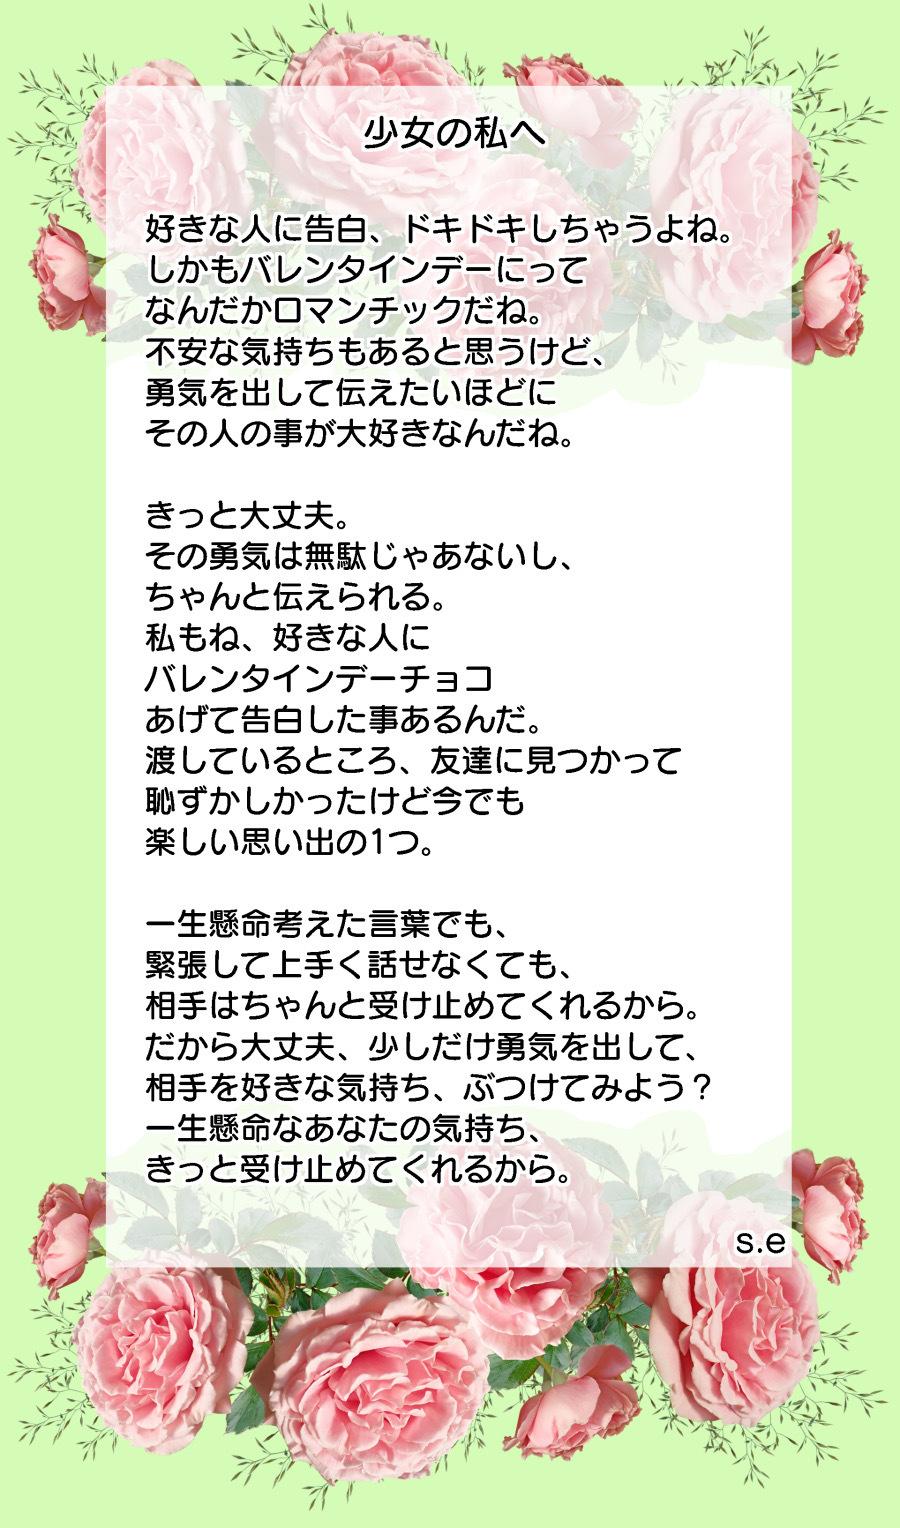 未熟な神々から女神への手紙3-2